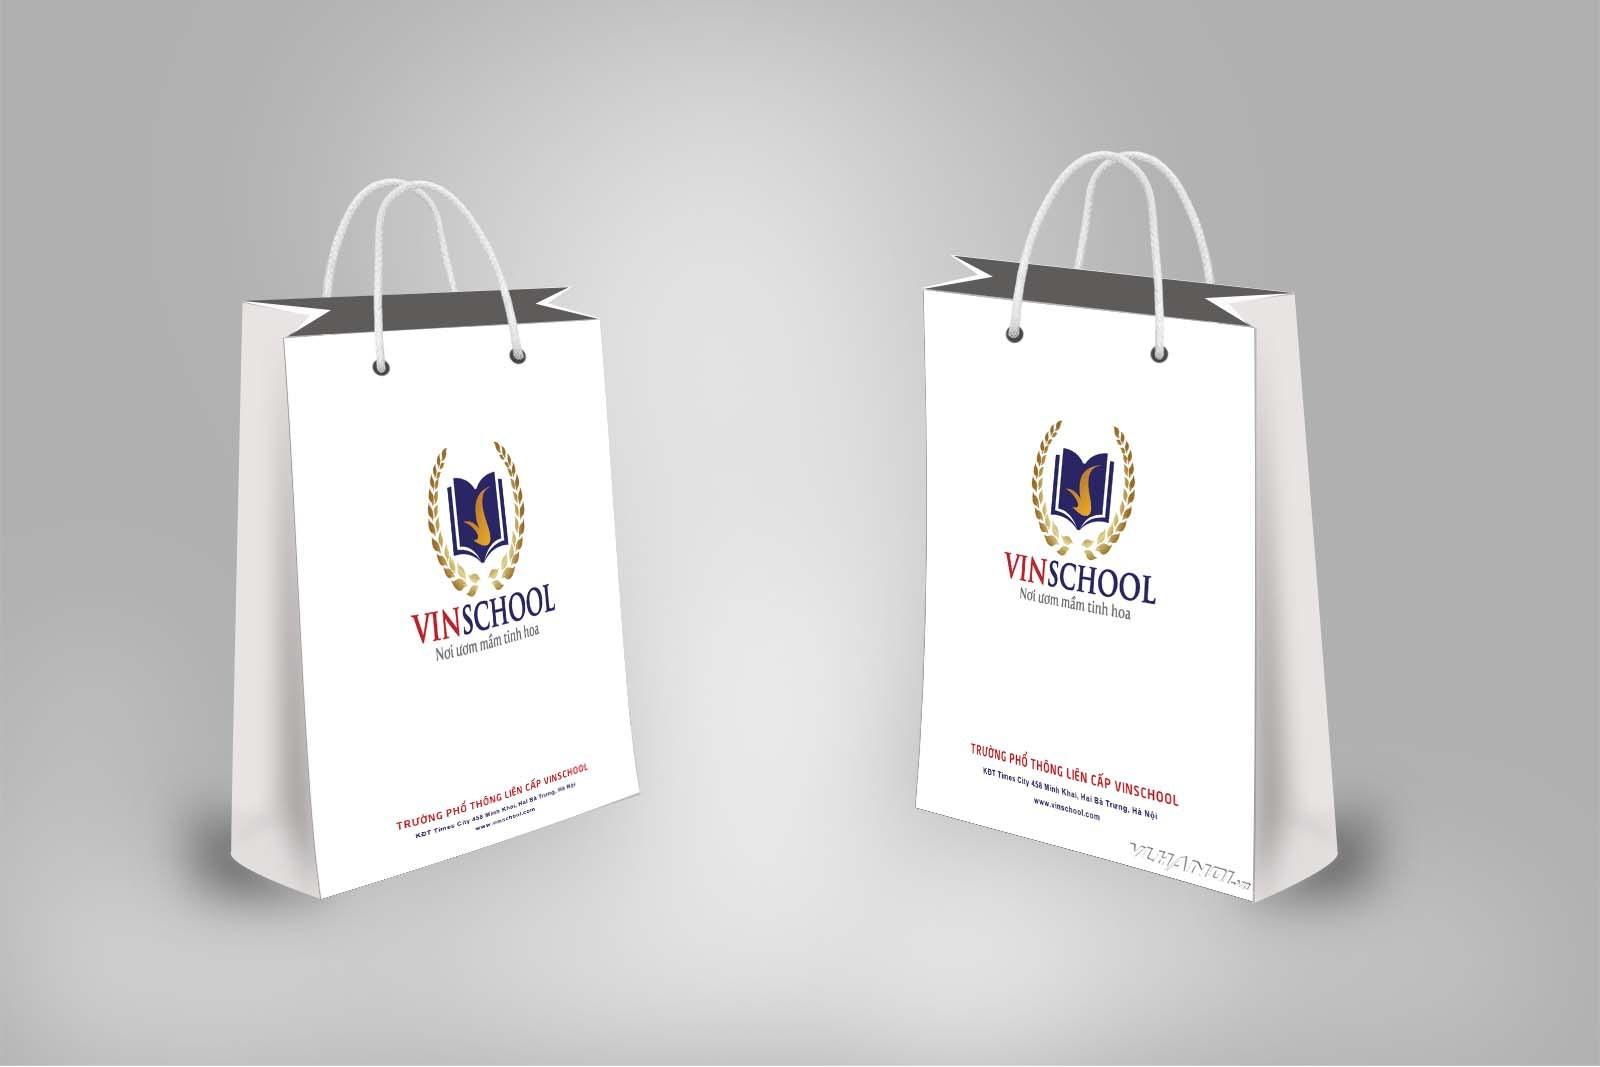 Hiệu quả của túi giấy đem lại thương hiệu cho doanh nghiệp